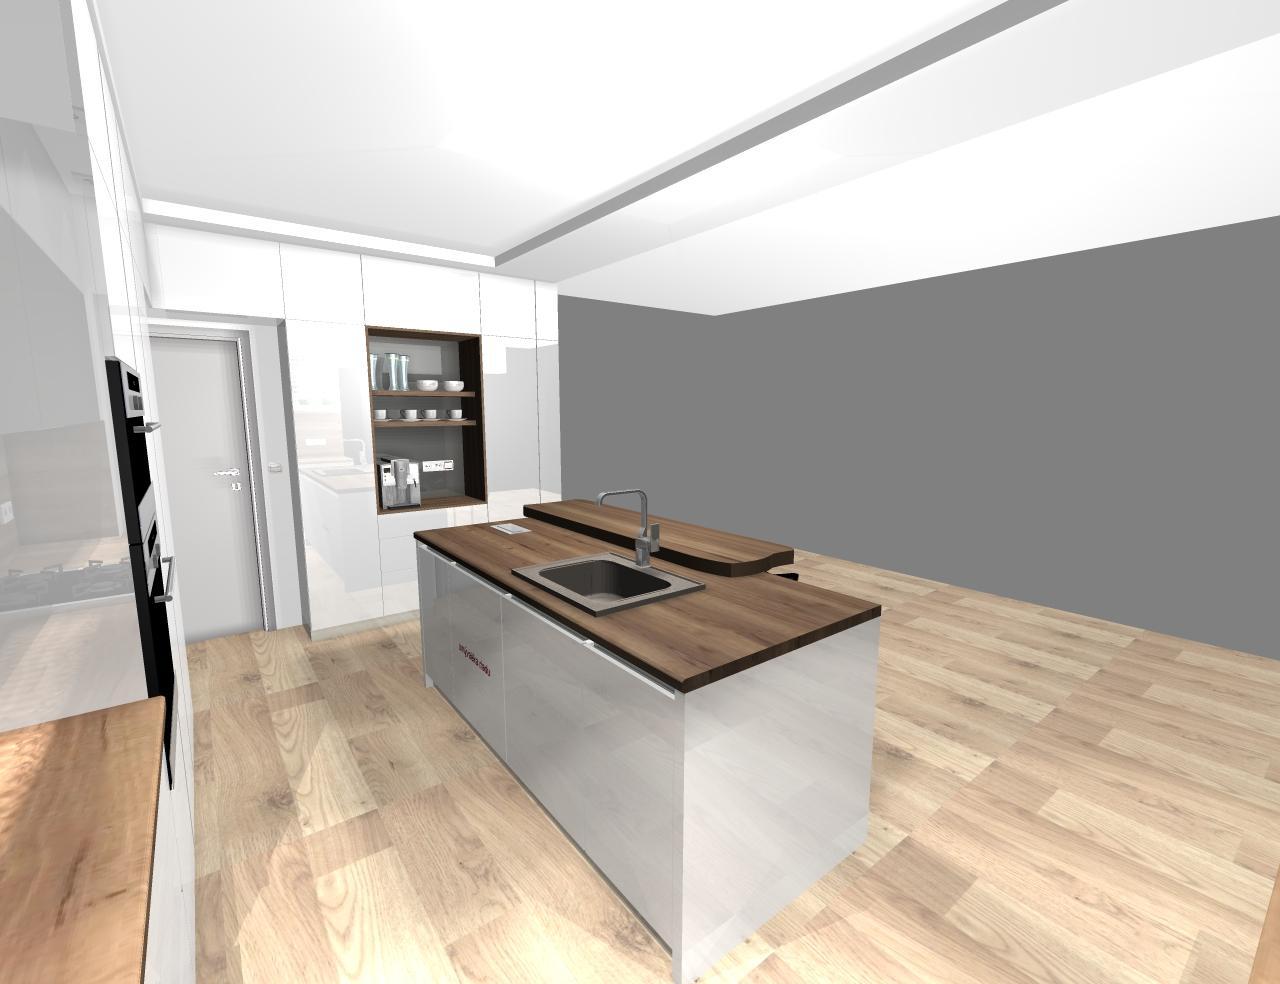 Grafické návrhy kuchynských liniek 2020 - návrh kuchynskej linky do rodinného domu -verzia 1 - obr.8